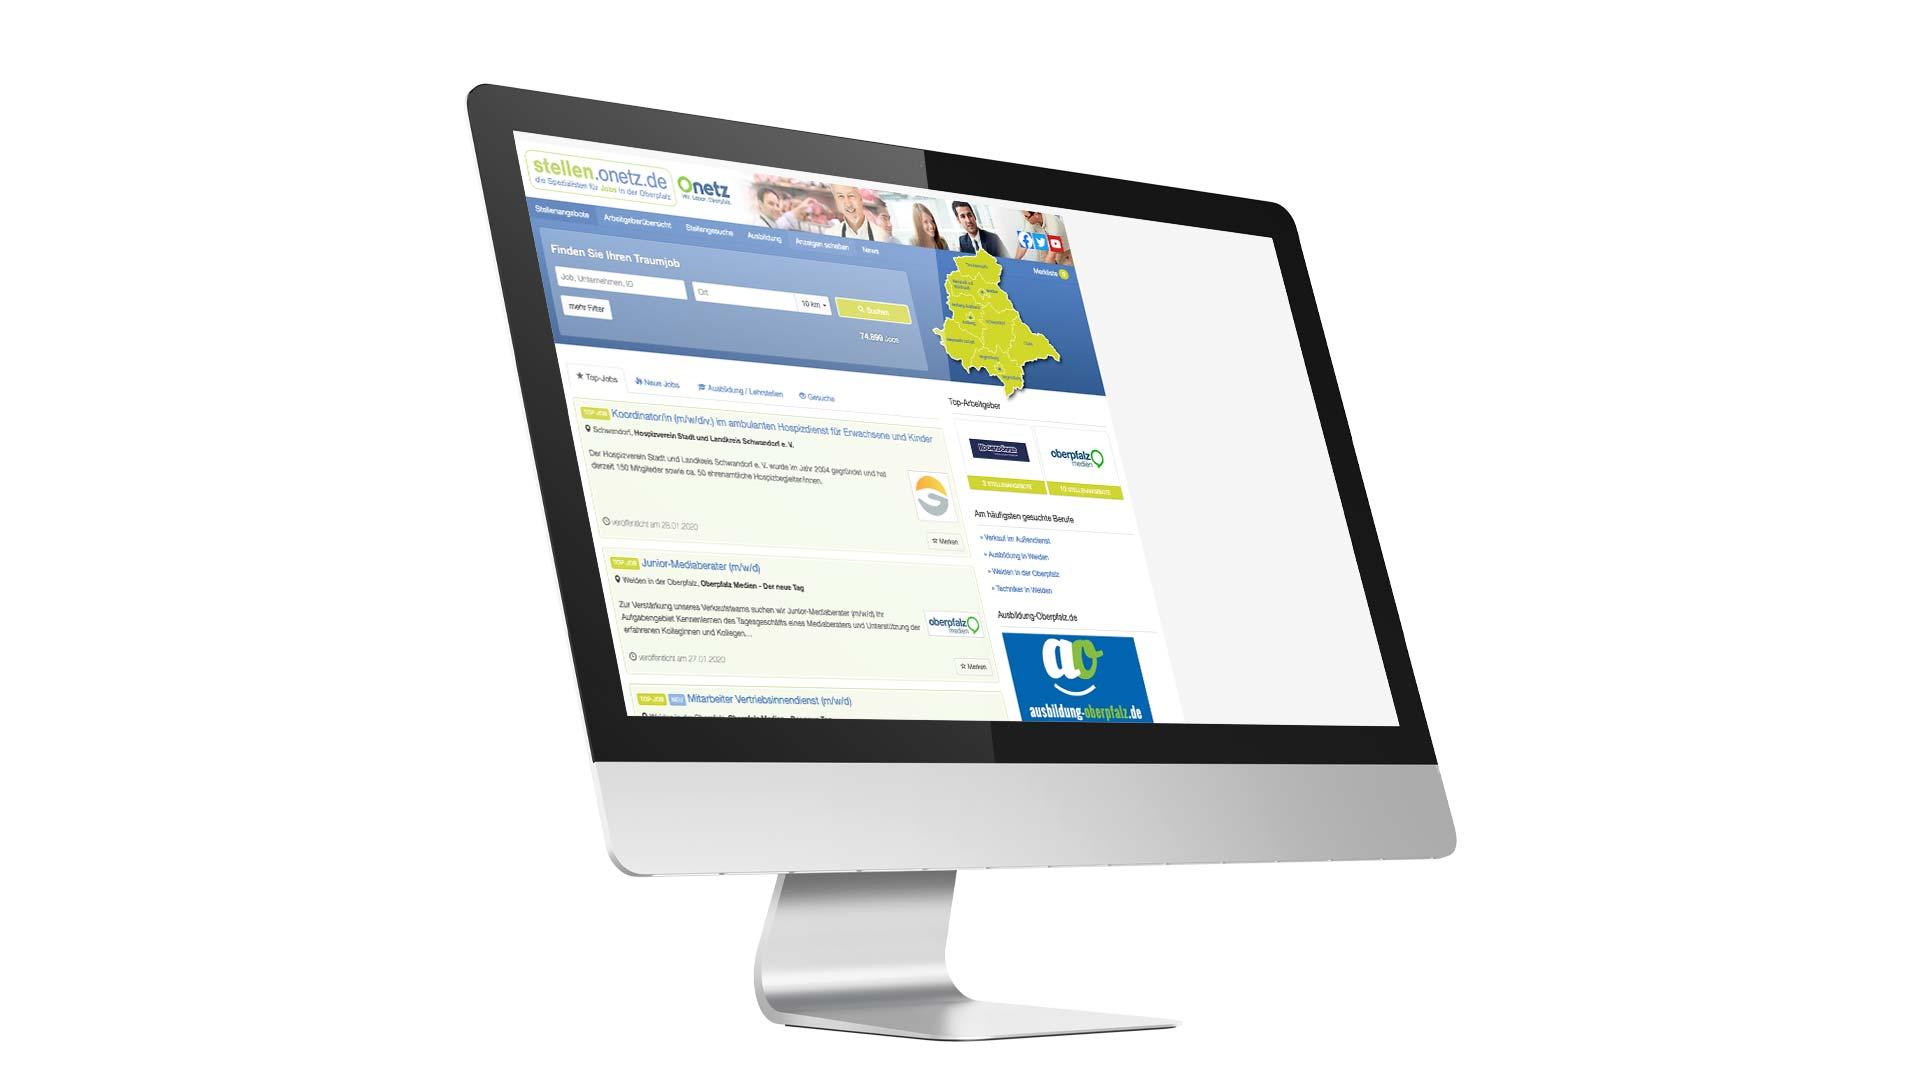 """Ansicht eines Monitors, auf dem das Onlineportal """"stellen.onetz.de"""" zu sehen ist."""